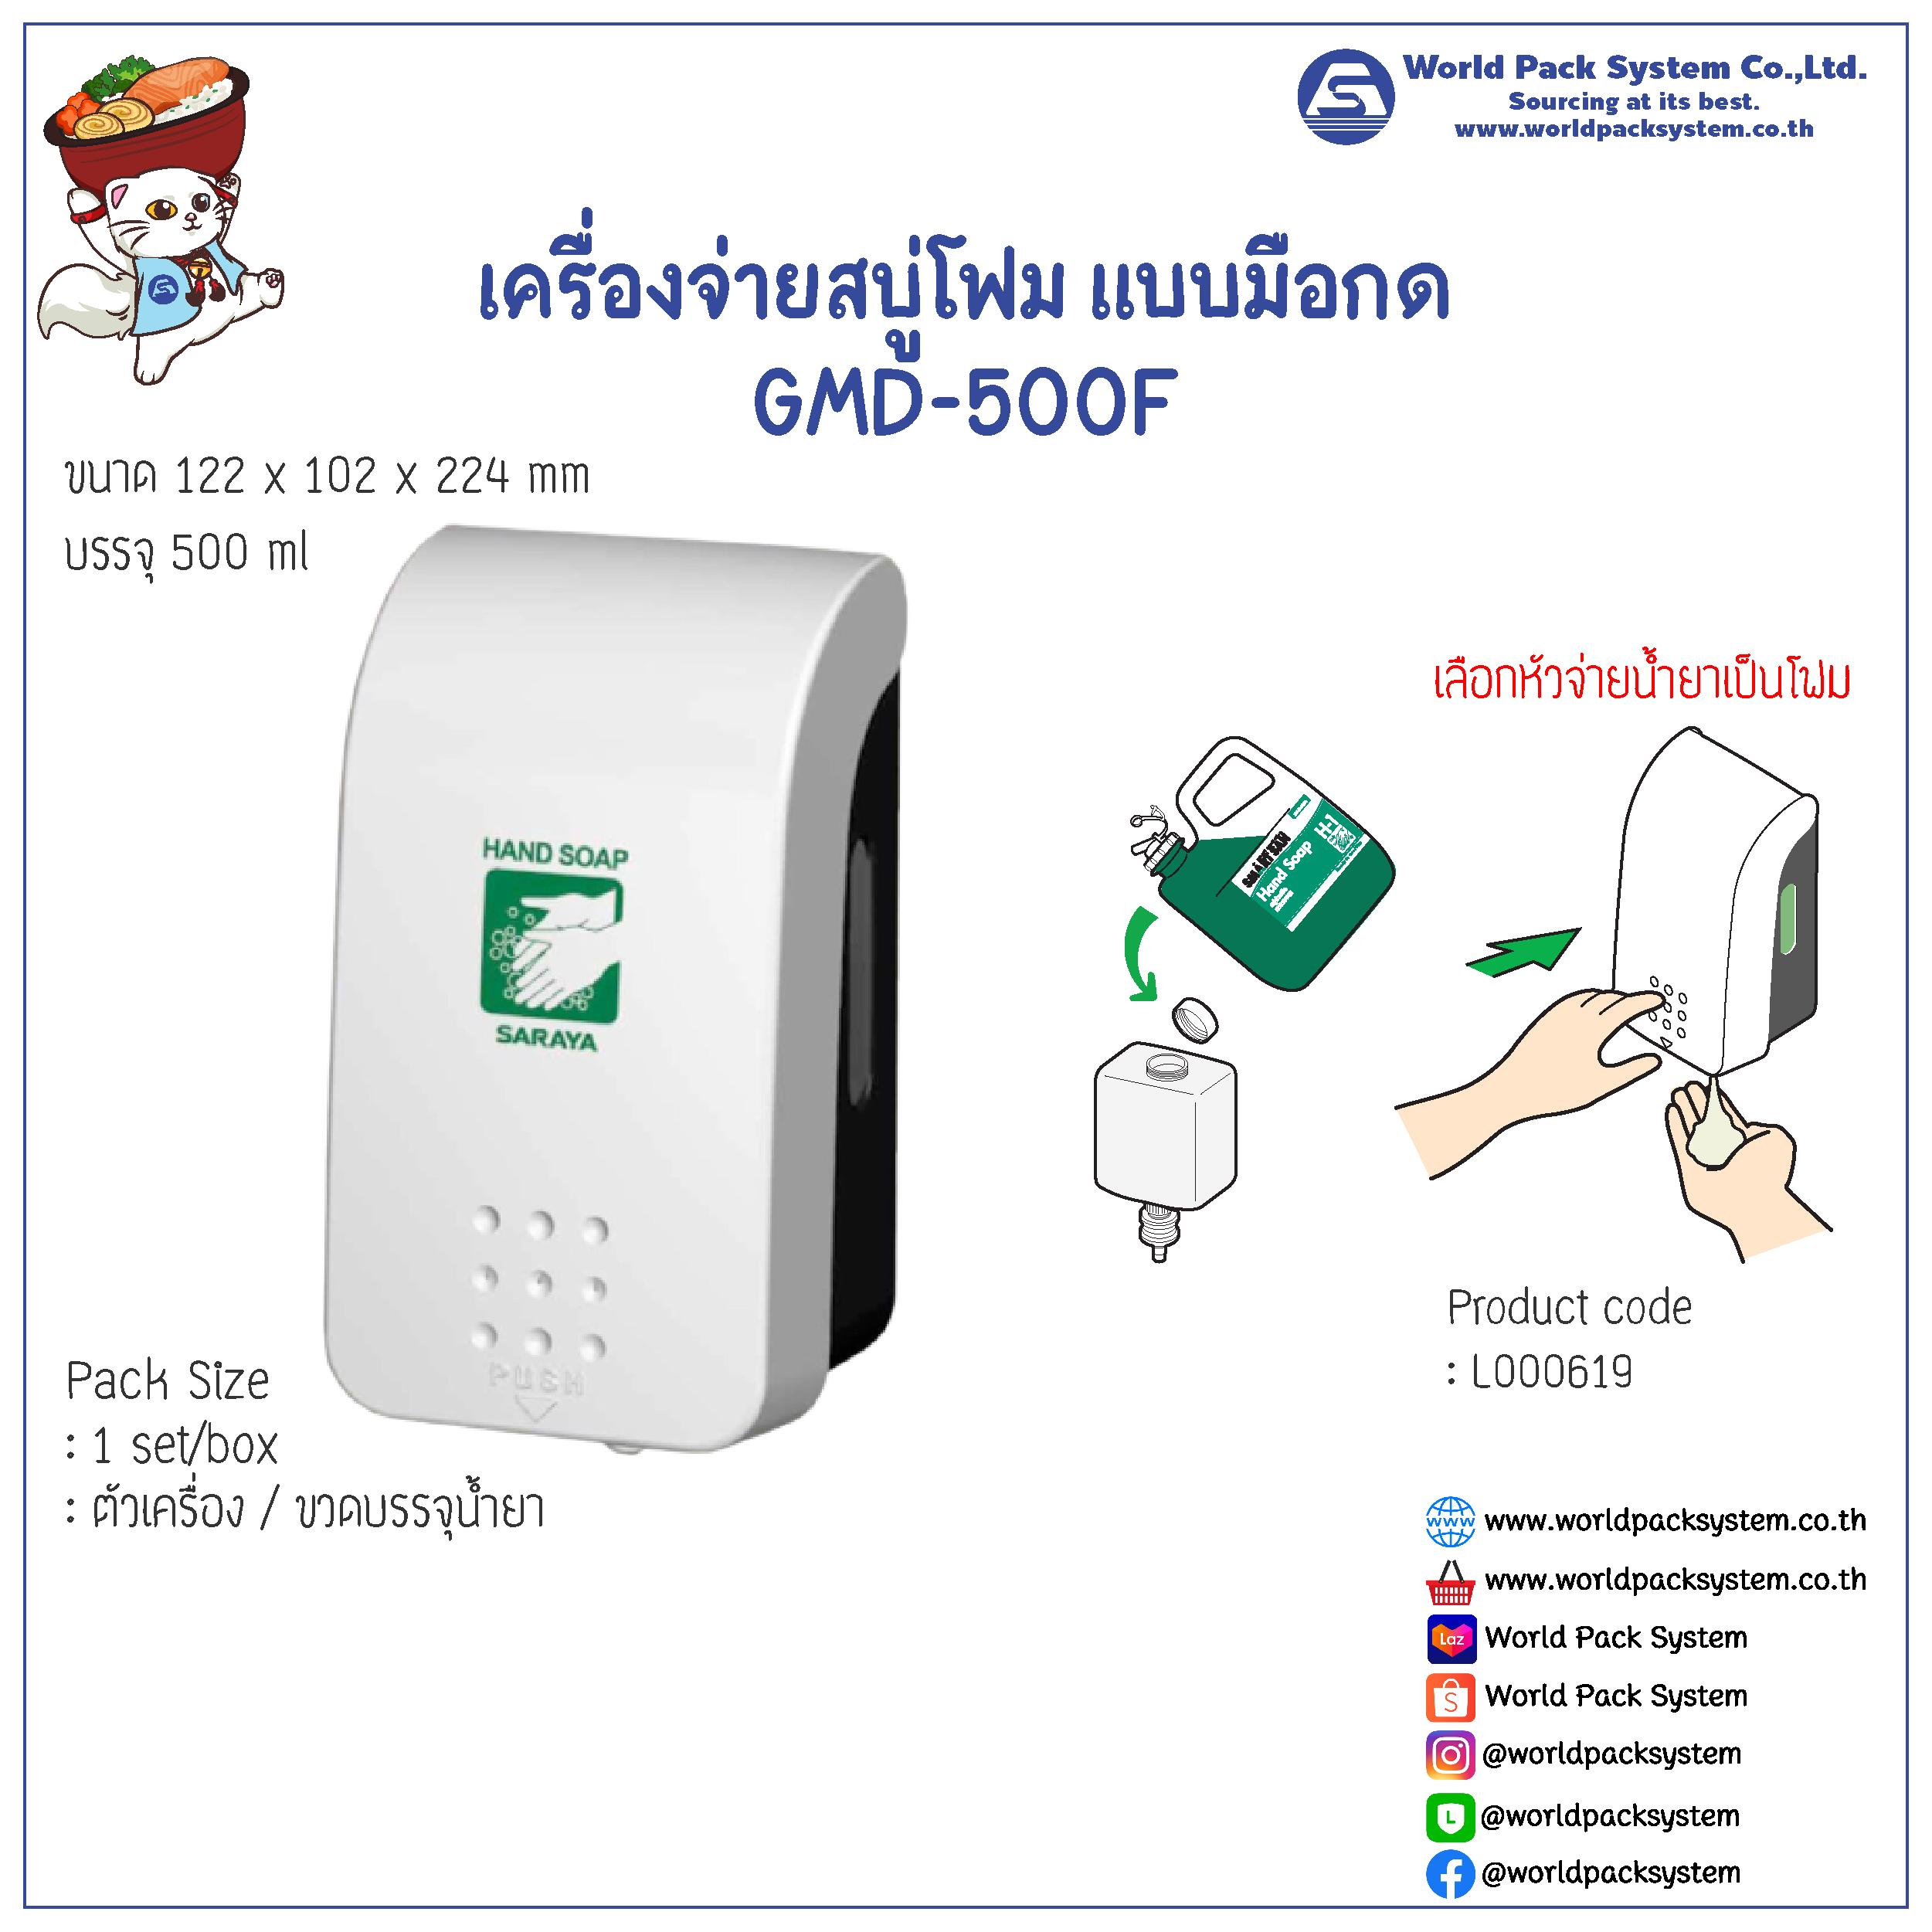 GMD-500F Manual Dispenser 500 ml. (Foam)